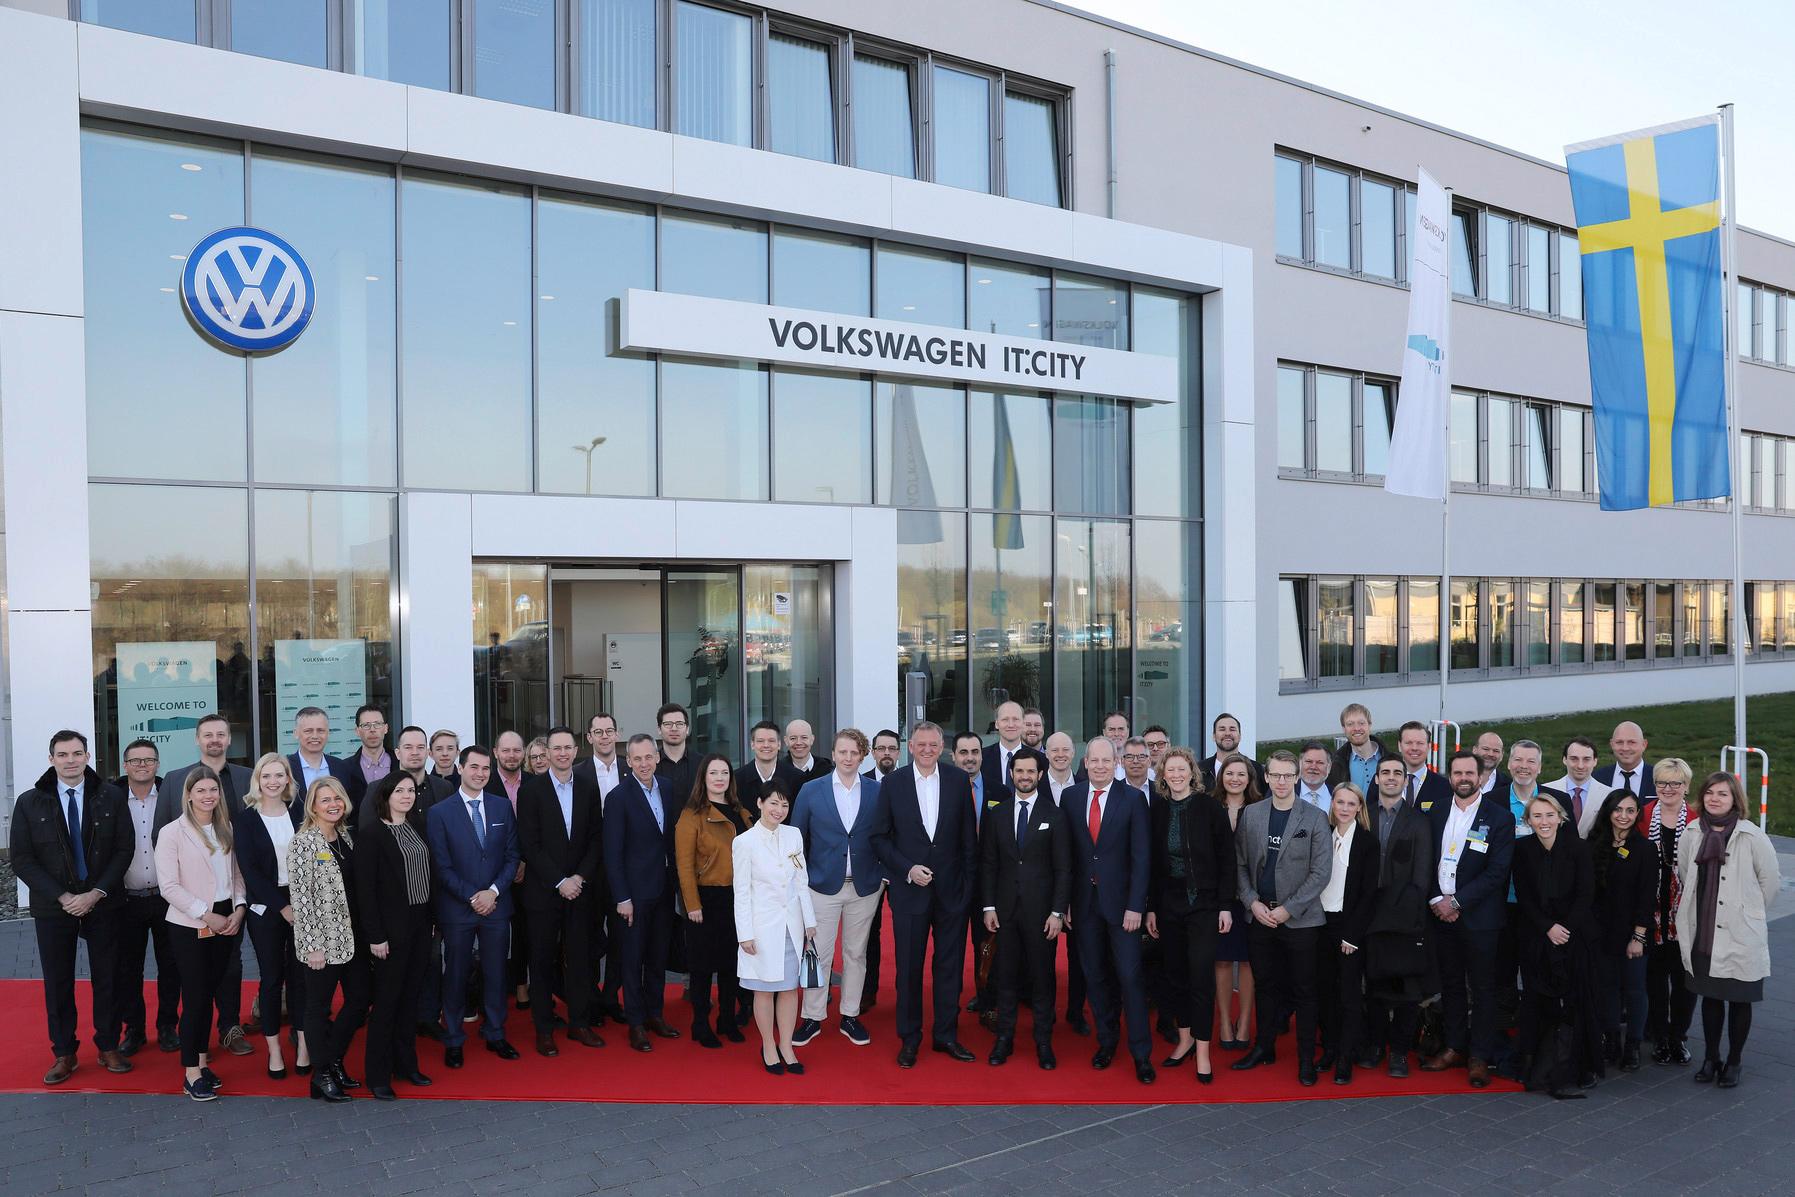 Ett 30-tal startups från Sverige deltog i uppskattat besök hos Volkswagen i Wolfsburg tillsammans med prins Carl Philip. Foto:VW.